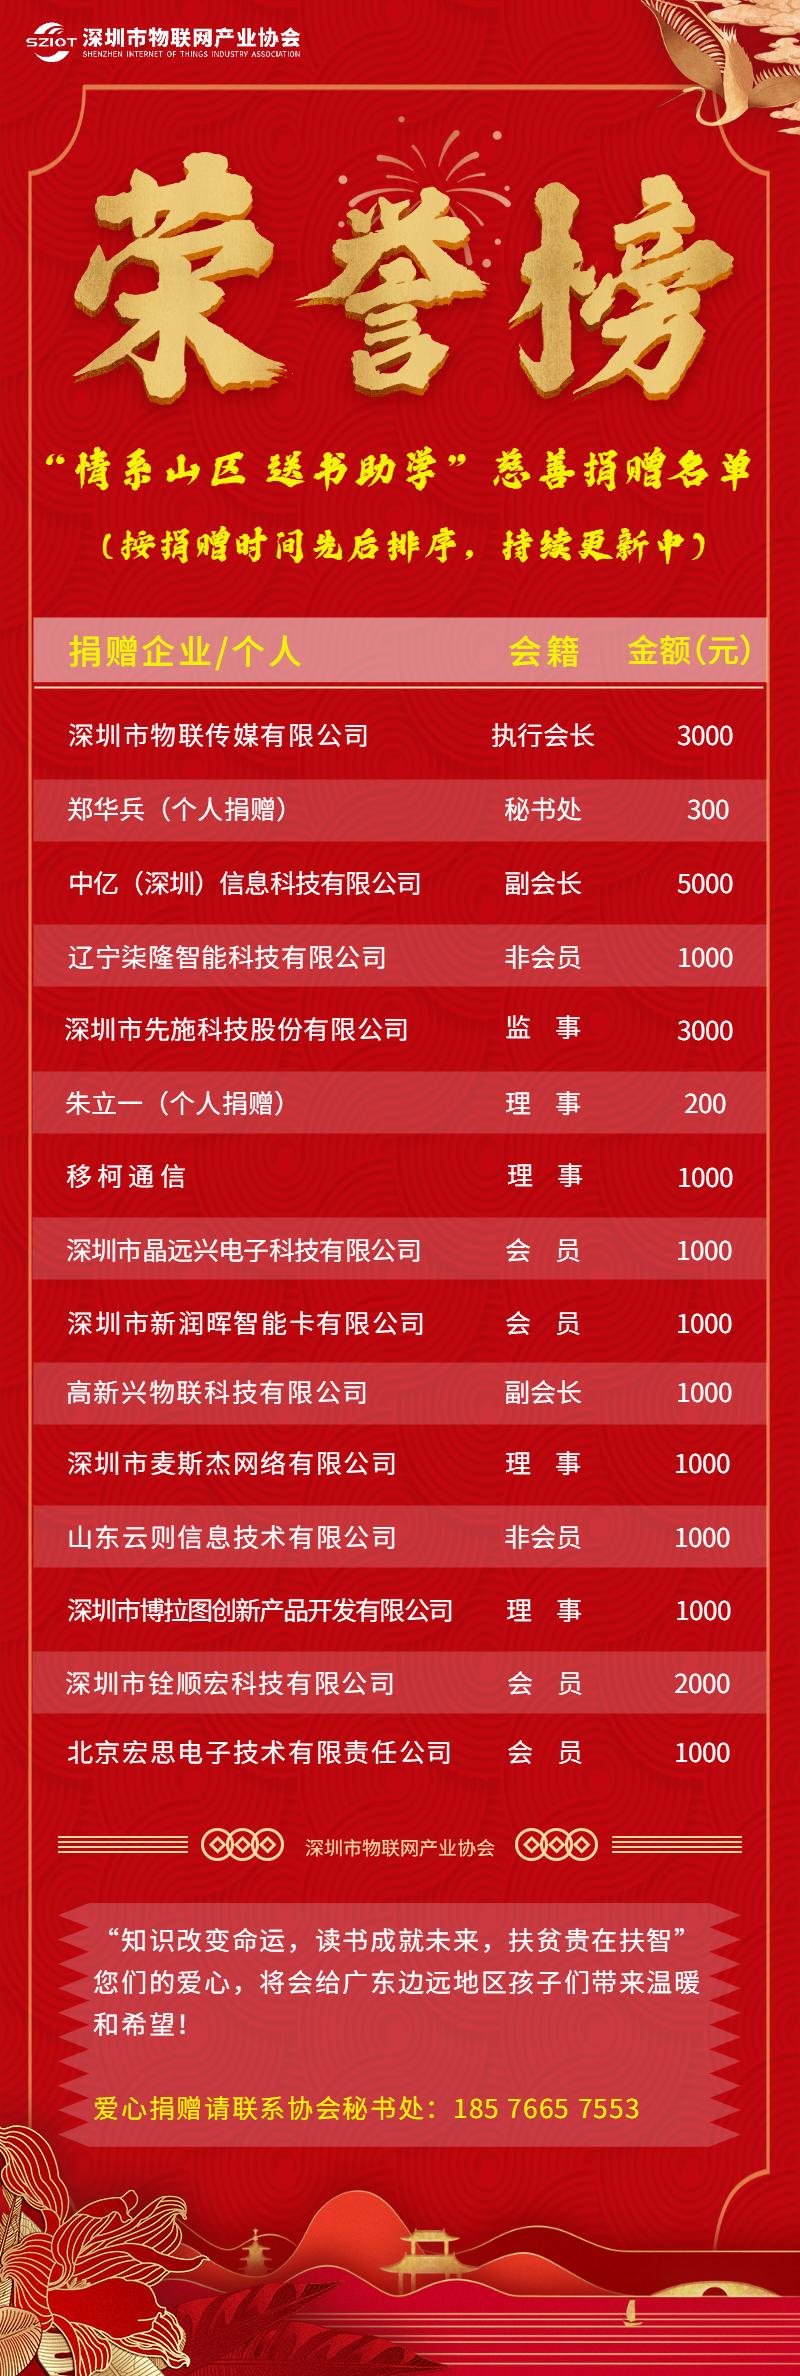 情系山区,爱心传递!深圳市物联网产业协会第一批慈善捐赠名单公示!